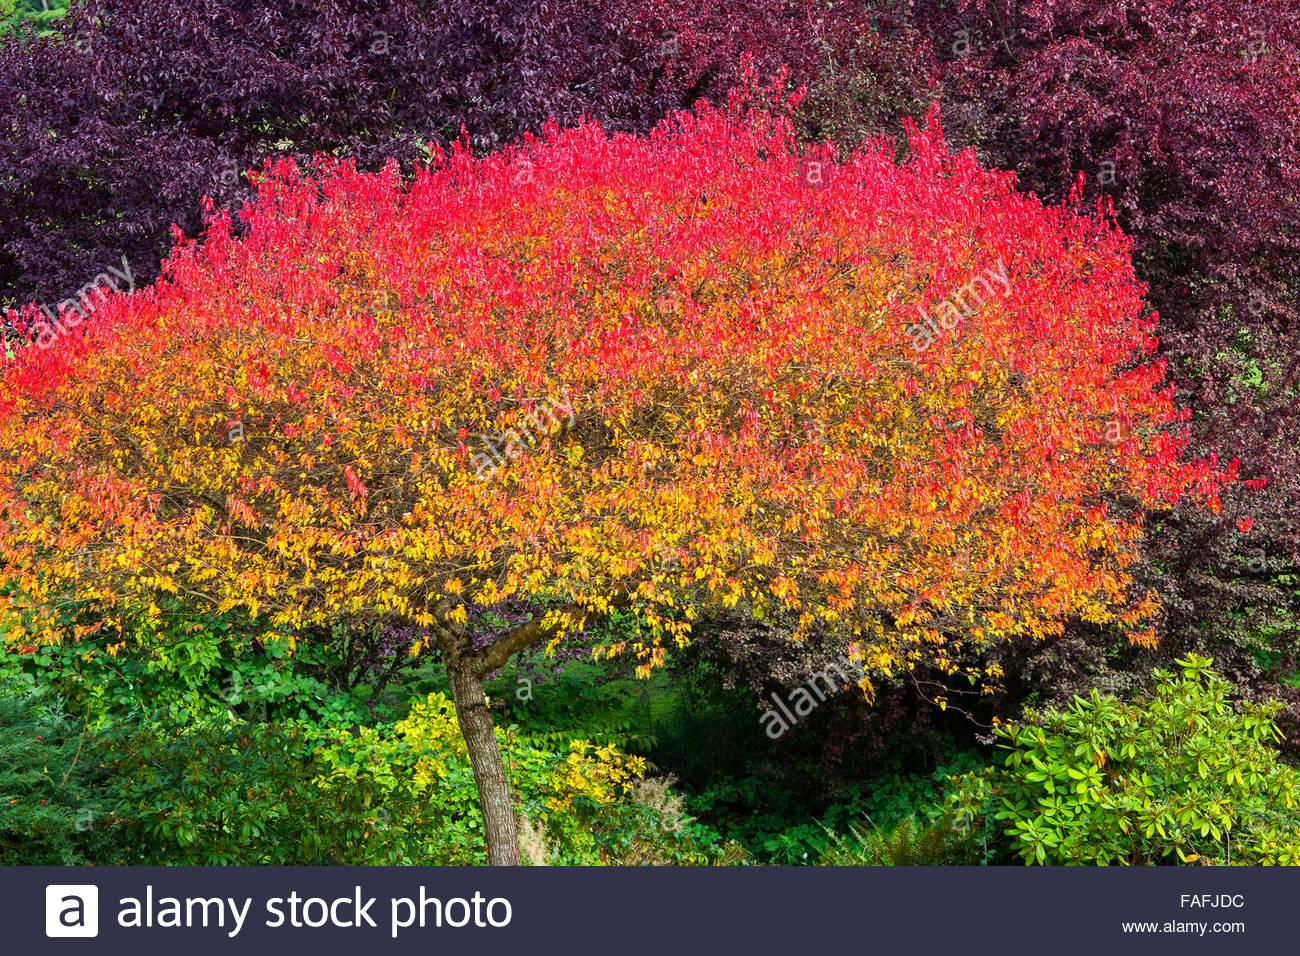 Ein Laubbaum ist wie ein Regenbogen gefärbt, wie der Herbst beginnt in Snohomish County, Washington setzen. Stockbild